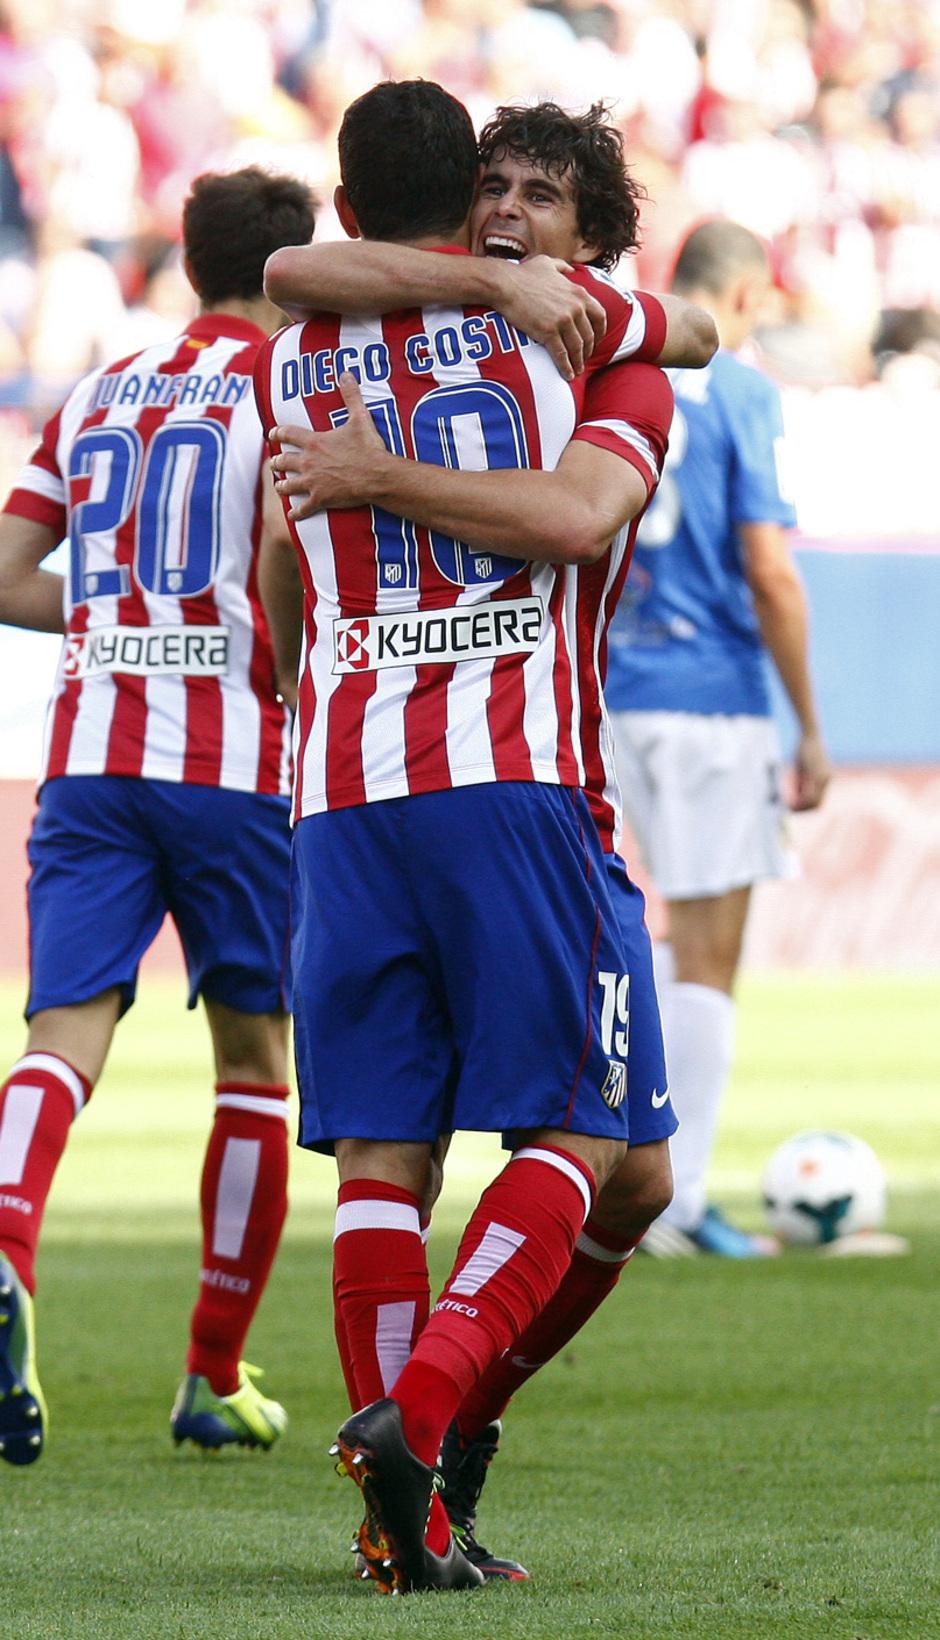 Temporada 13/14. Partido Atlético de Madrid Almería. Celebración gol de Tiago